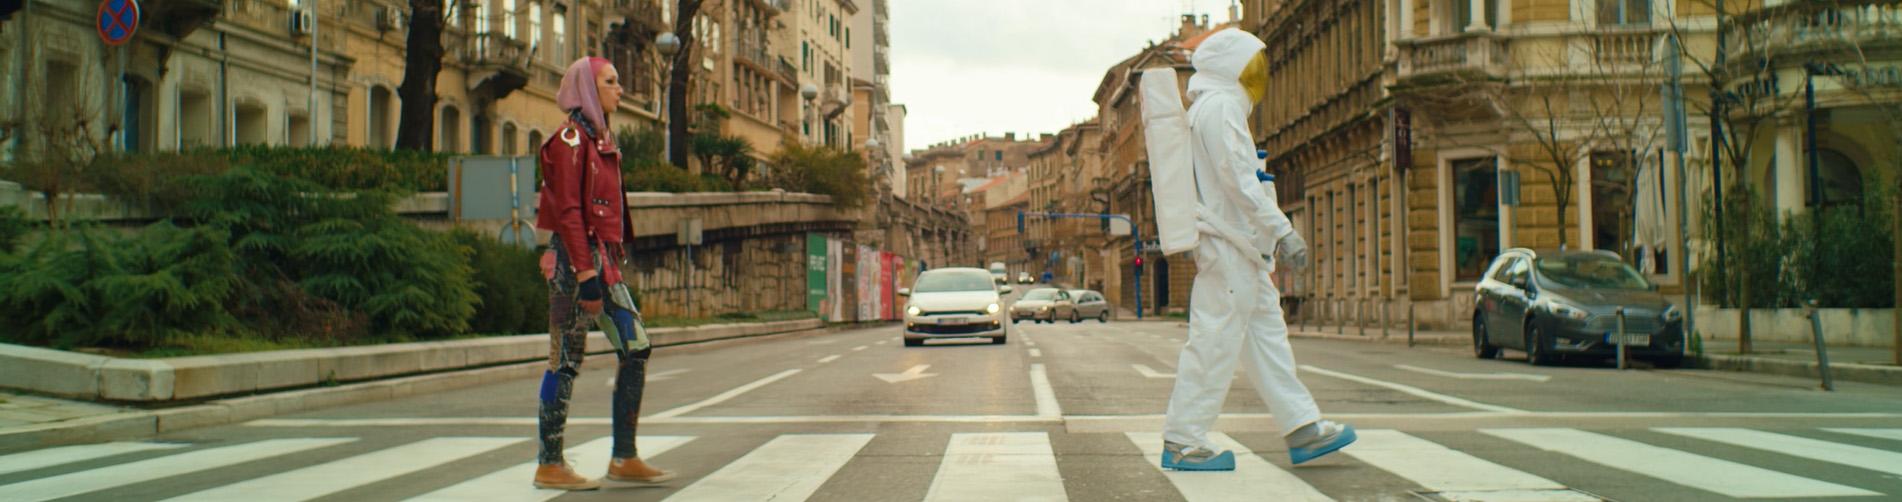 Promo video Rijeka 2020 - Europska prijestolnica kulture